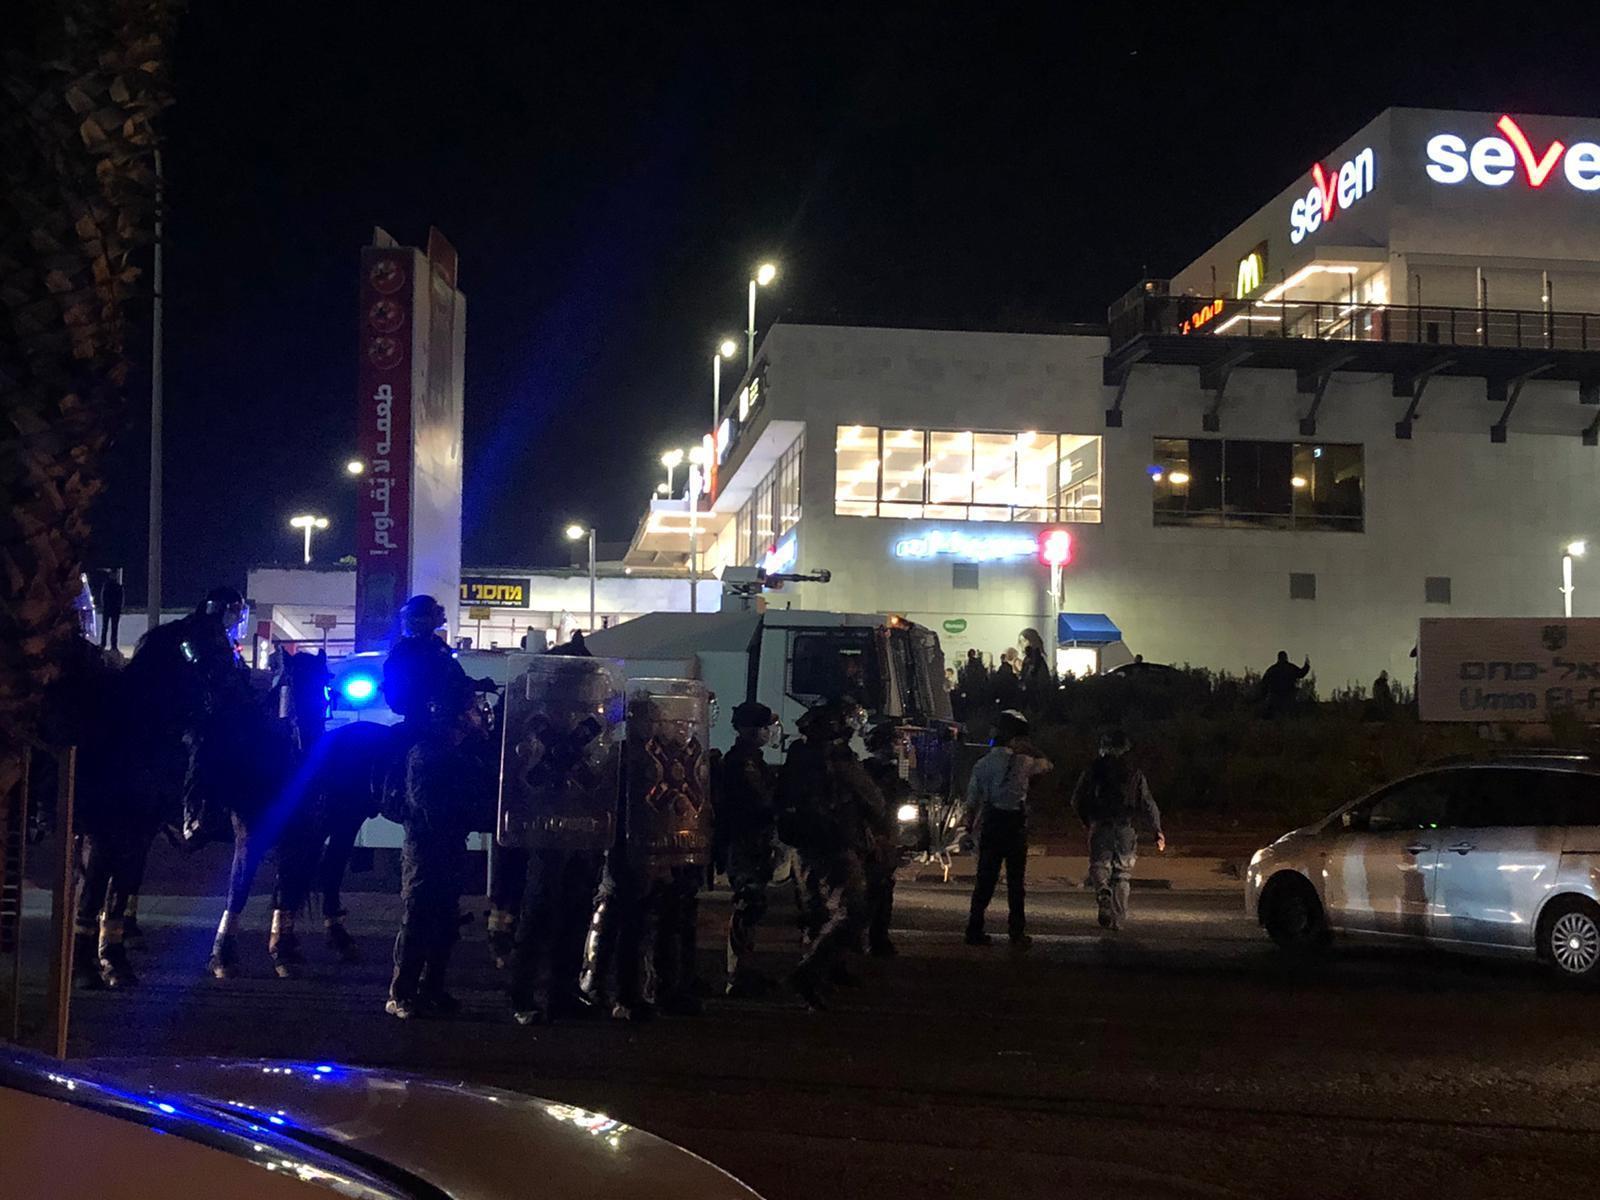 أم الفحم: اعتقالات وإصابات في قمع الشرطة لمظاهرة ضد العنف